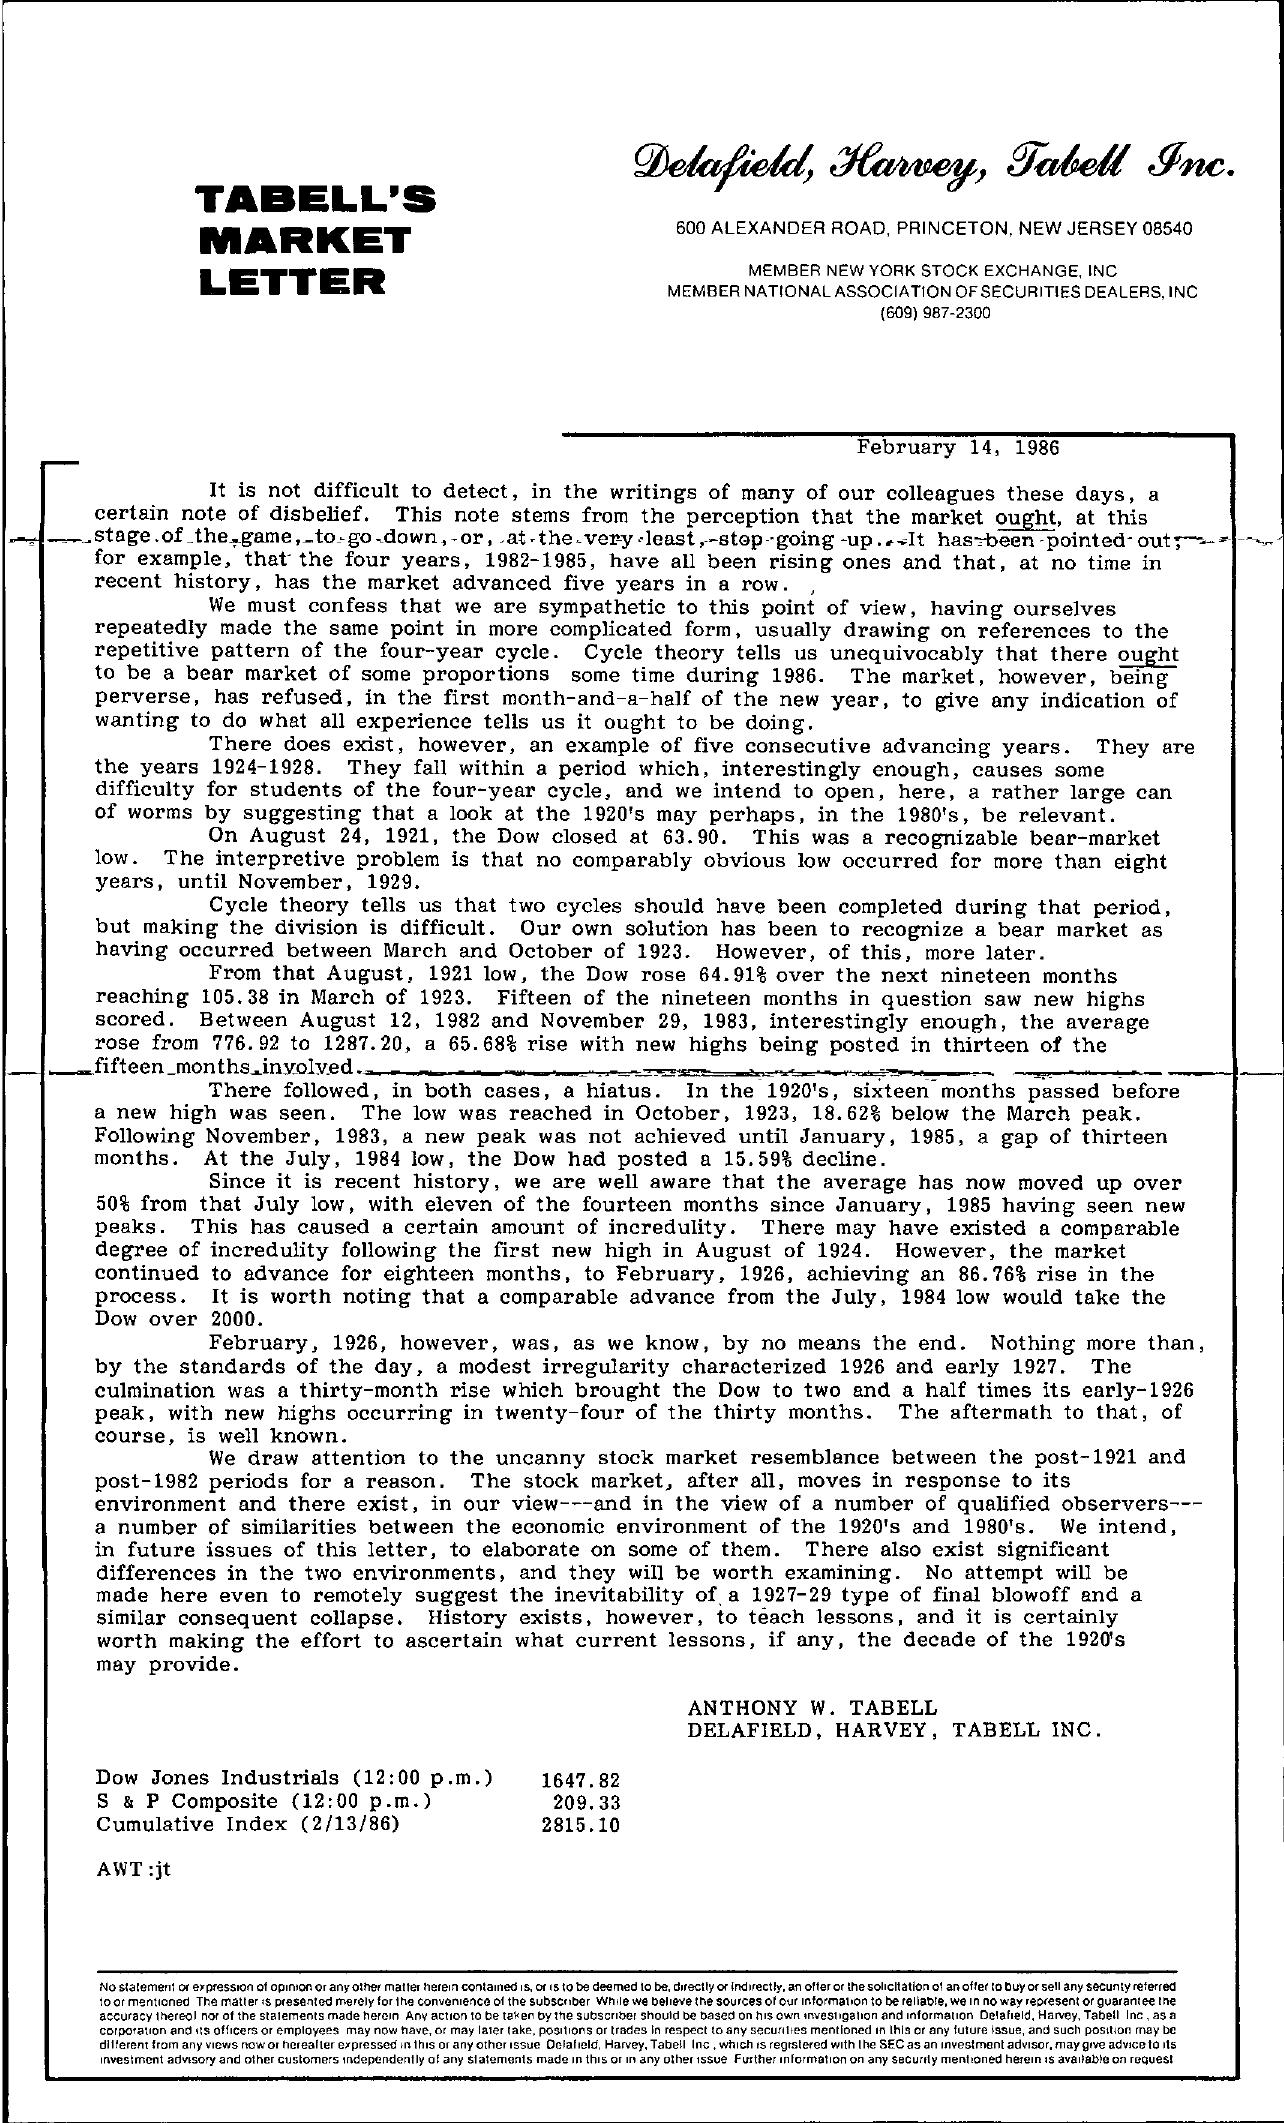 Tabell's Market Letter - February 14, 1986